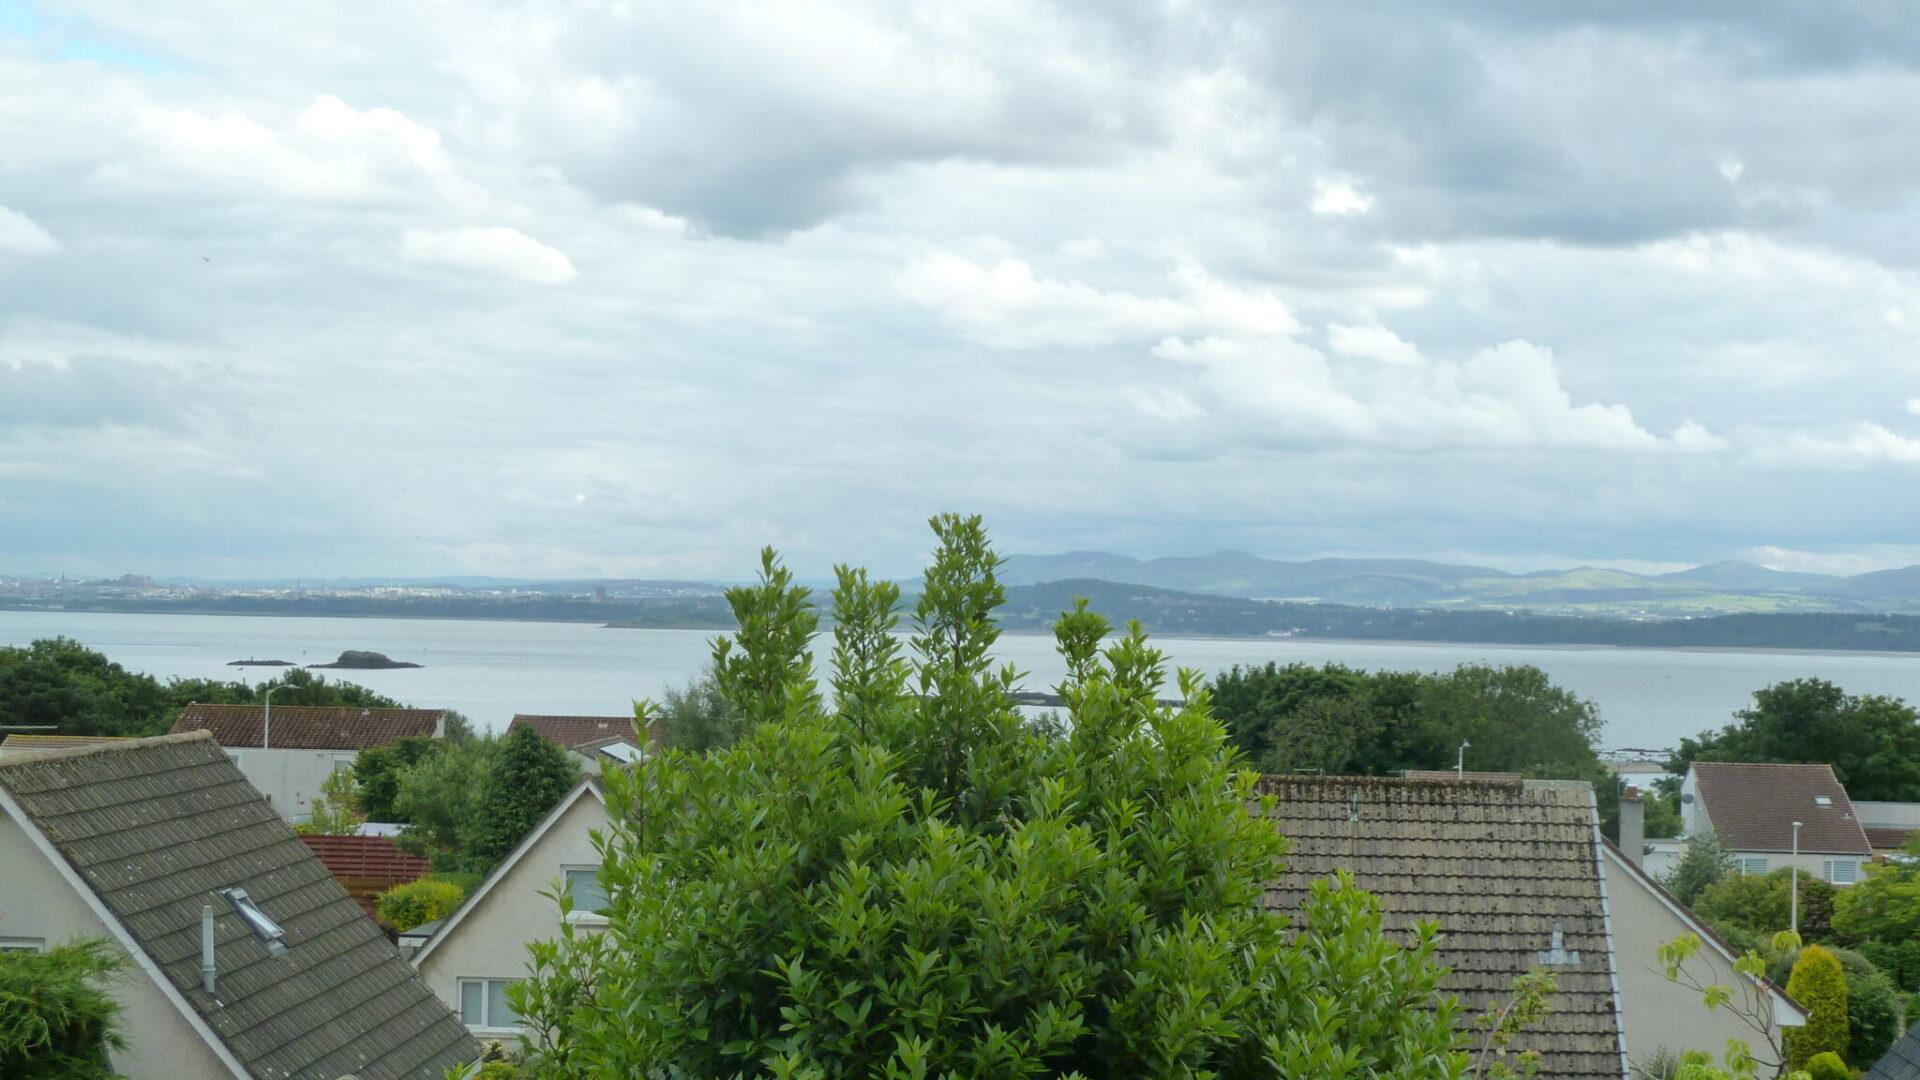 7 Dalgety House View, Dalgety Bay KY11 9LG